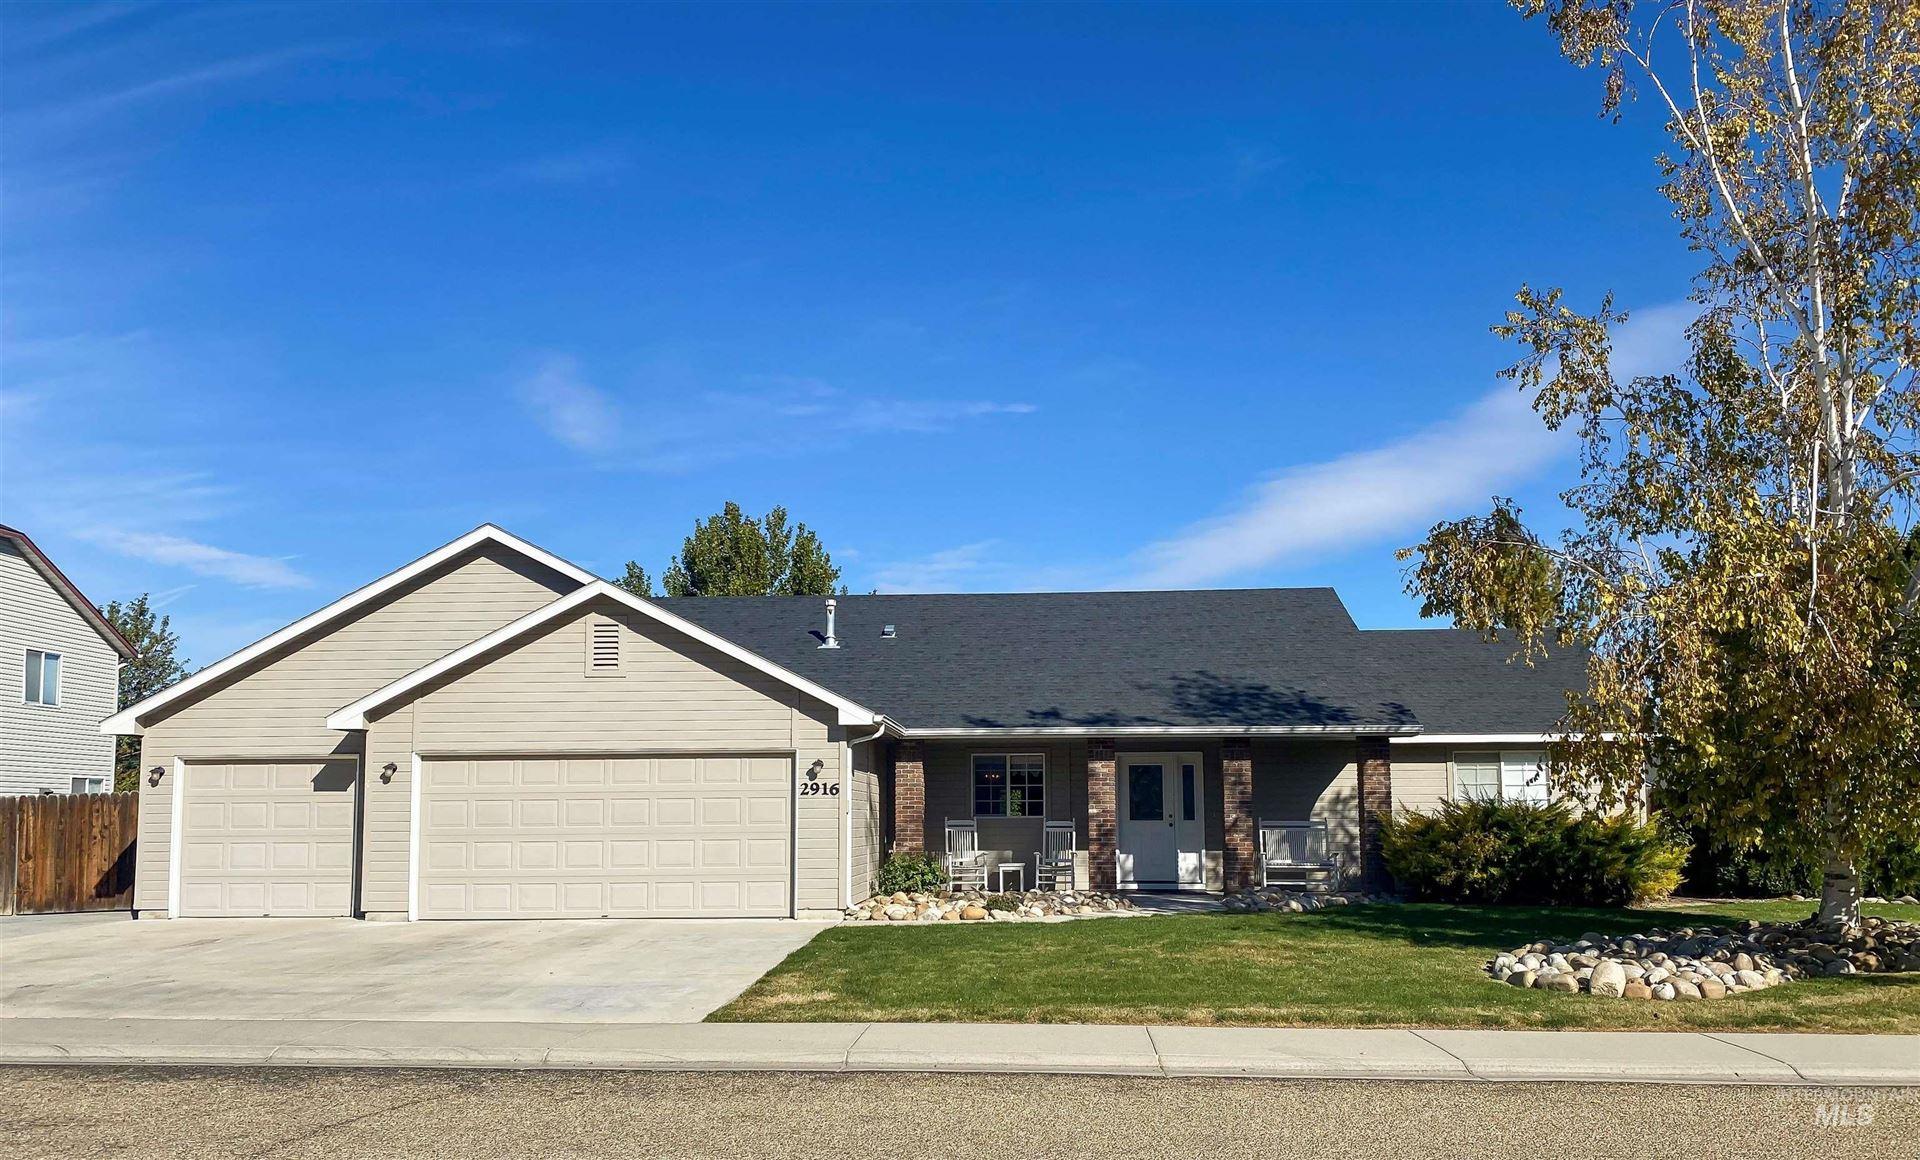 2916 Quail Meadow Loop, Caldwell, ID 83605 - MLS#: 98823152